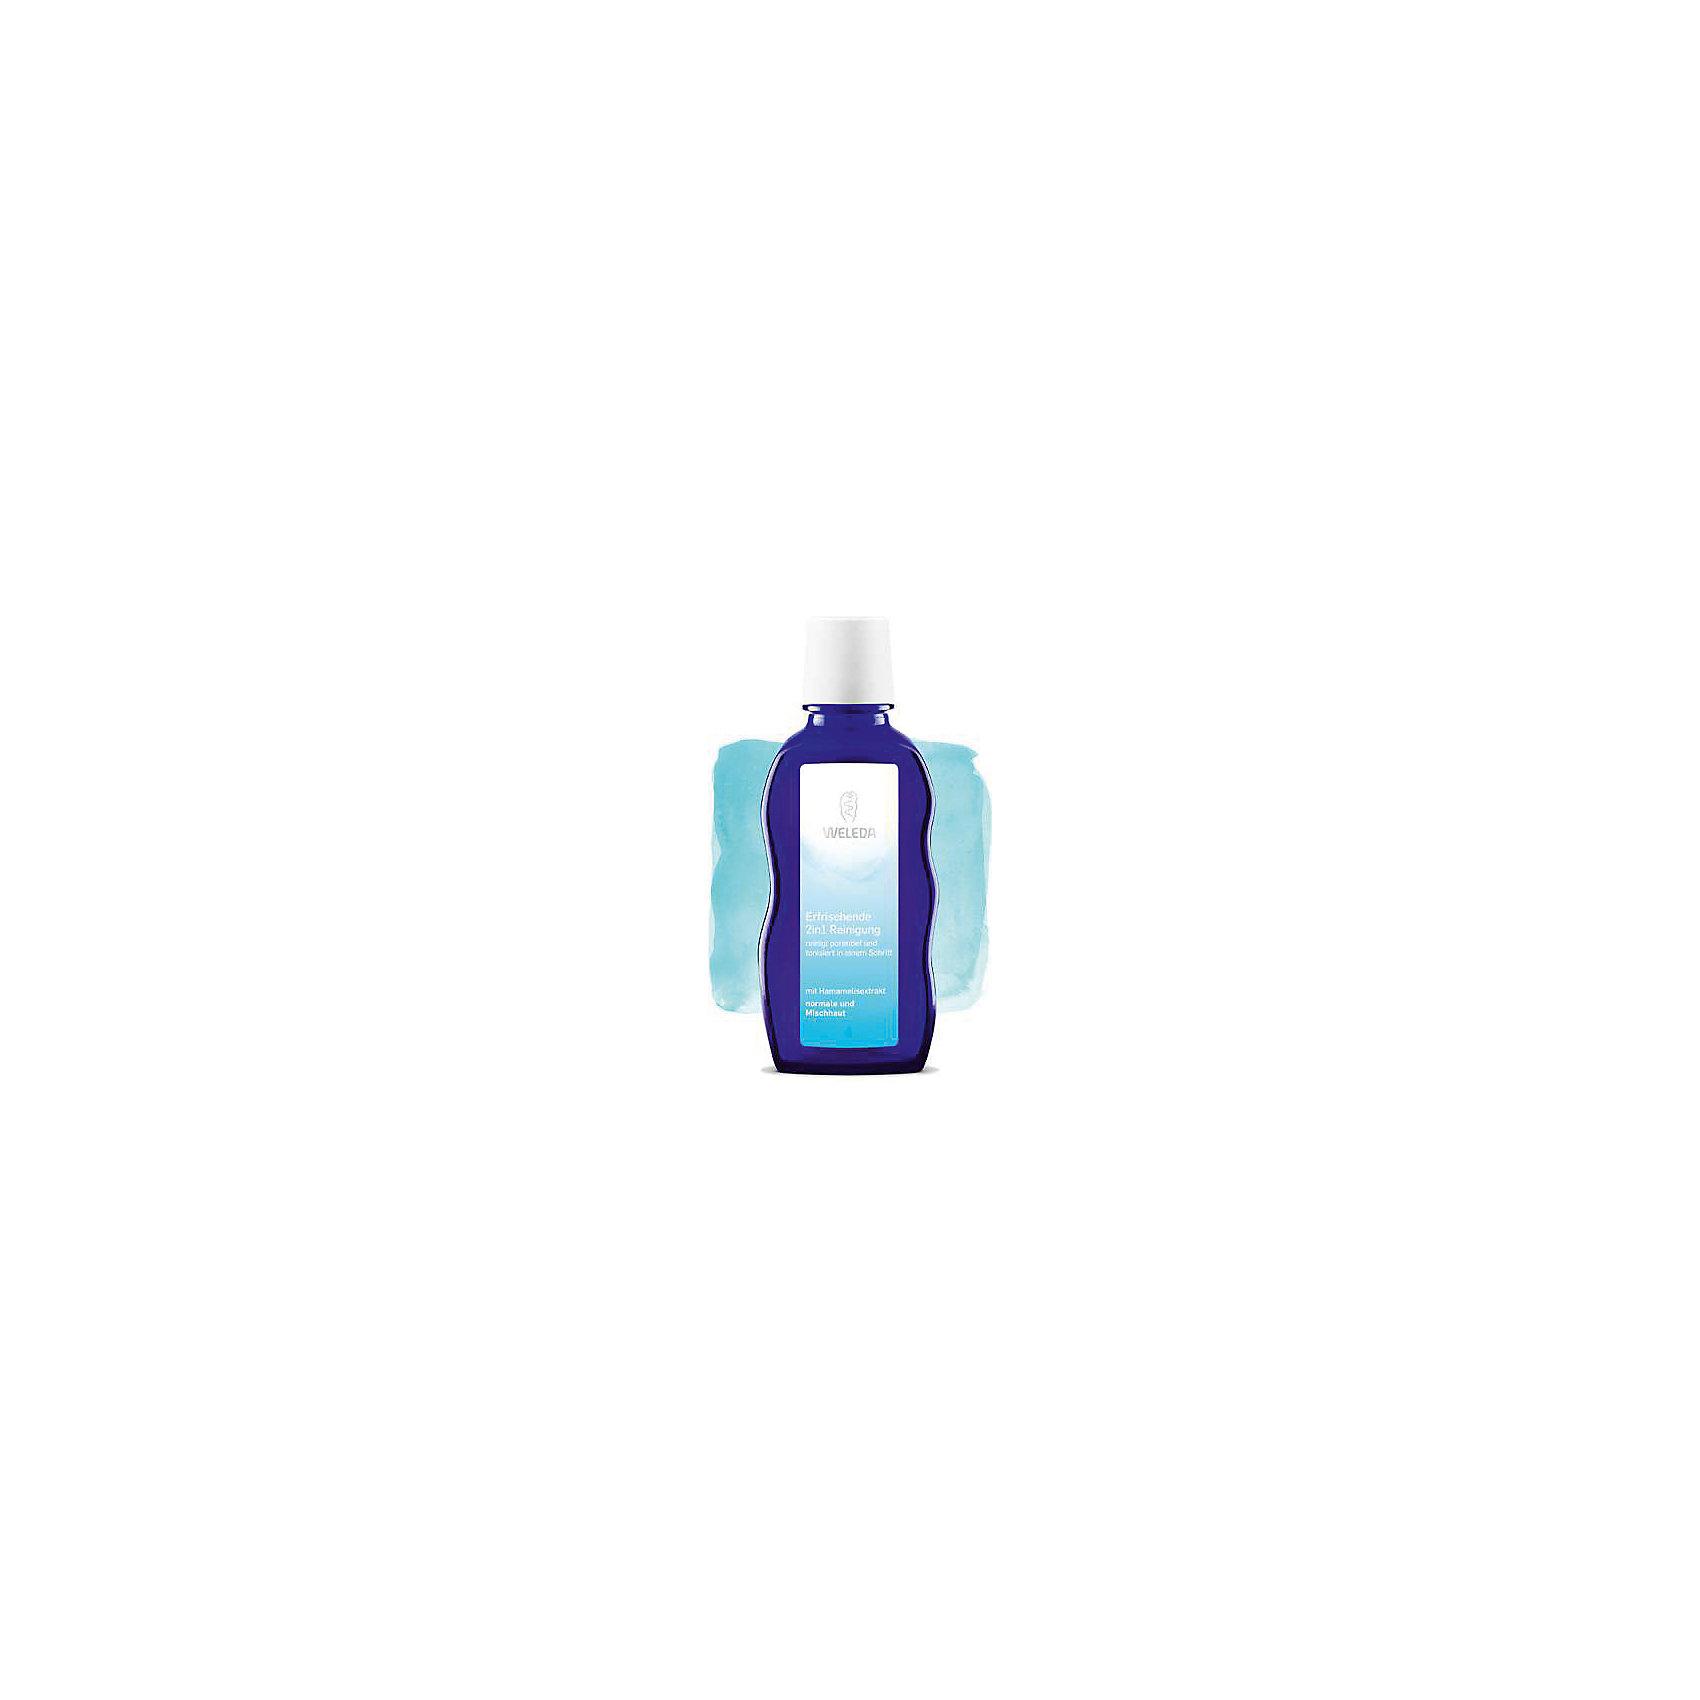 Средство освежающее очищающее 2 в 1 для нормальной и смешанной кожи, 100 мл., Weleda